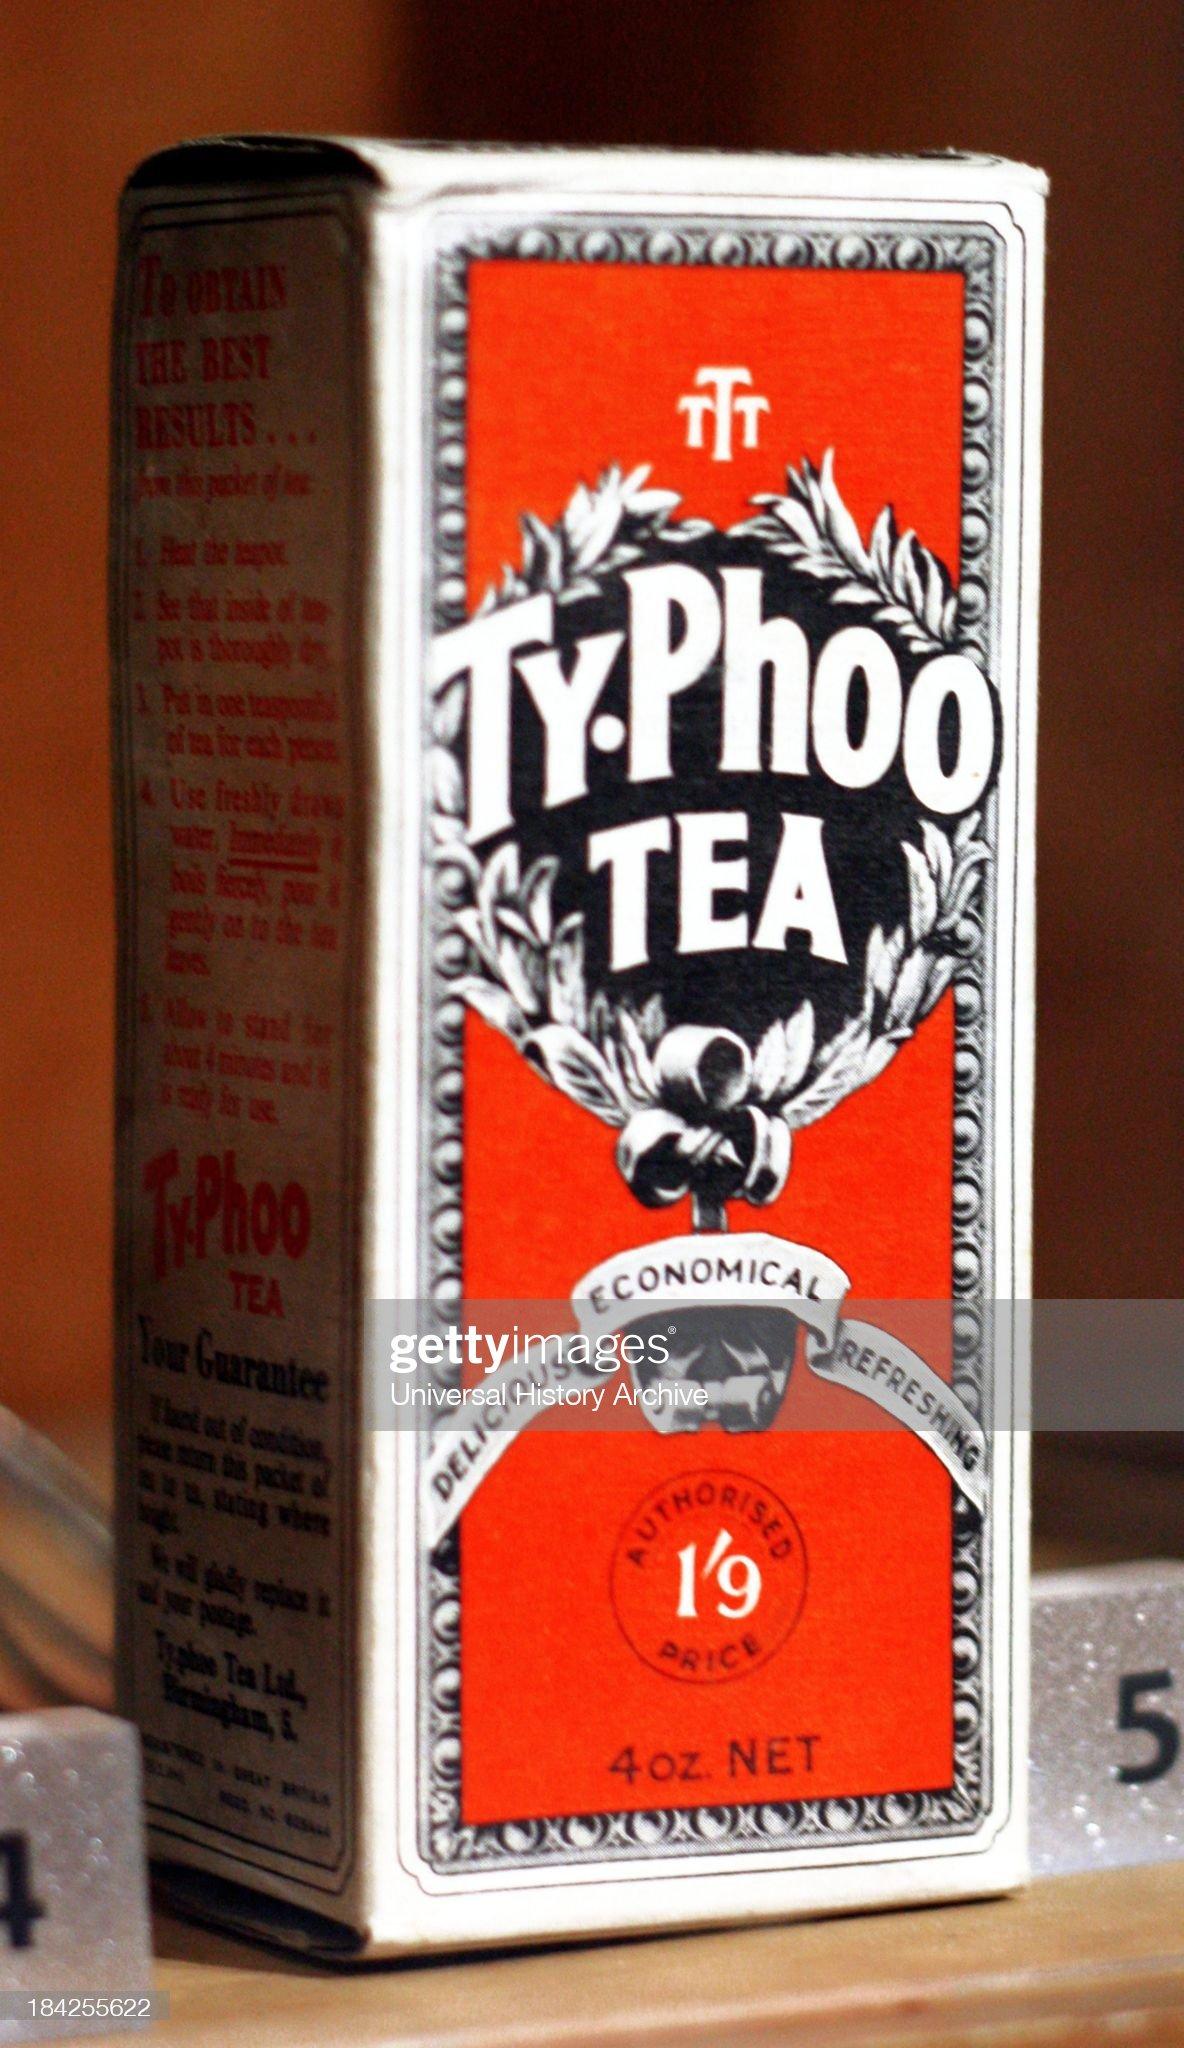 Vintage box of Typhoo tea : News Photo